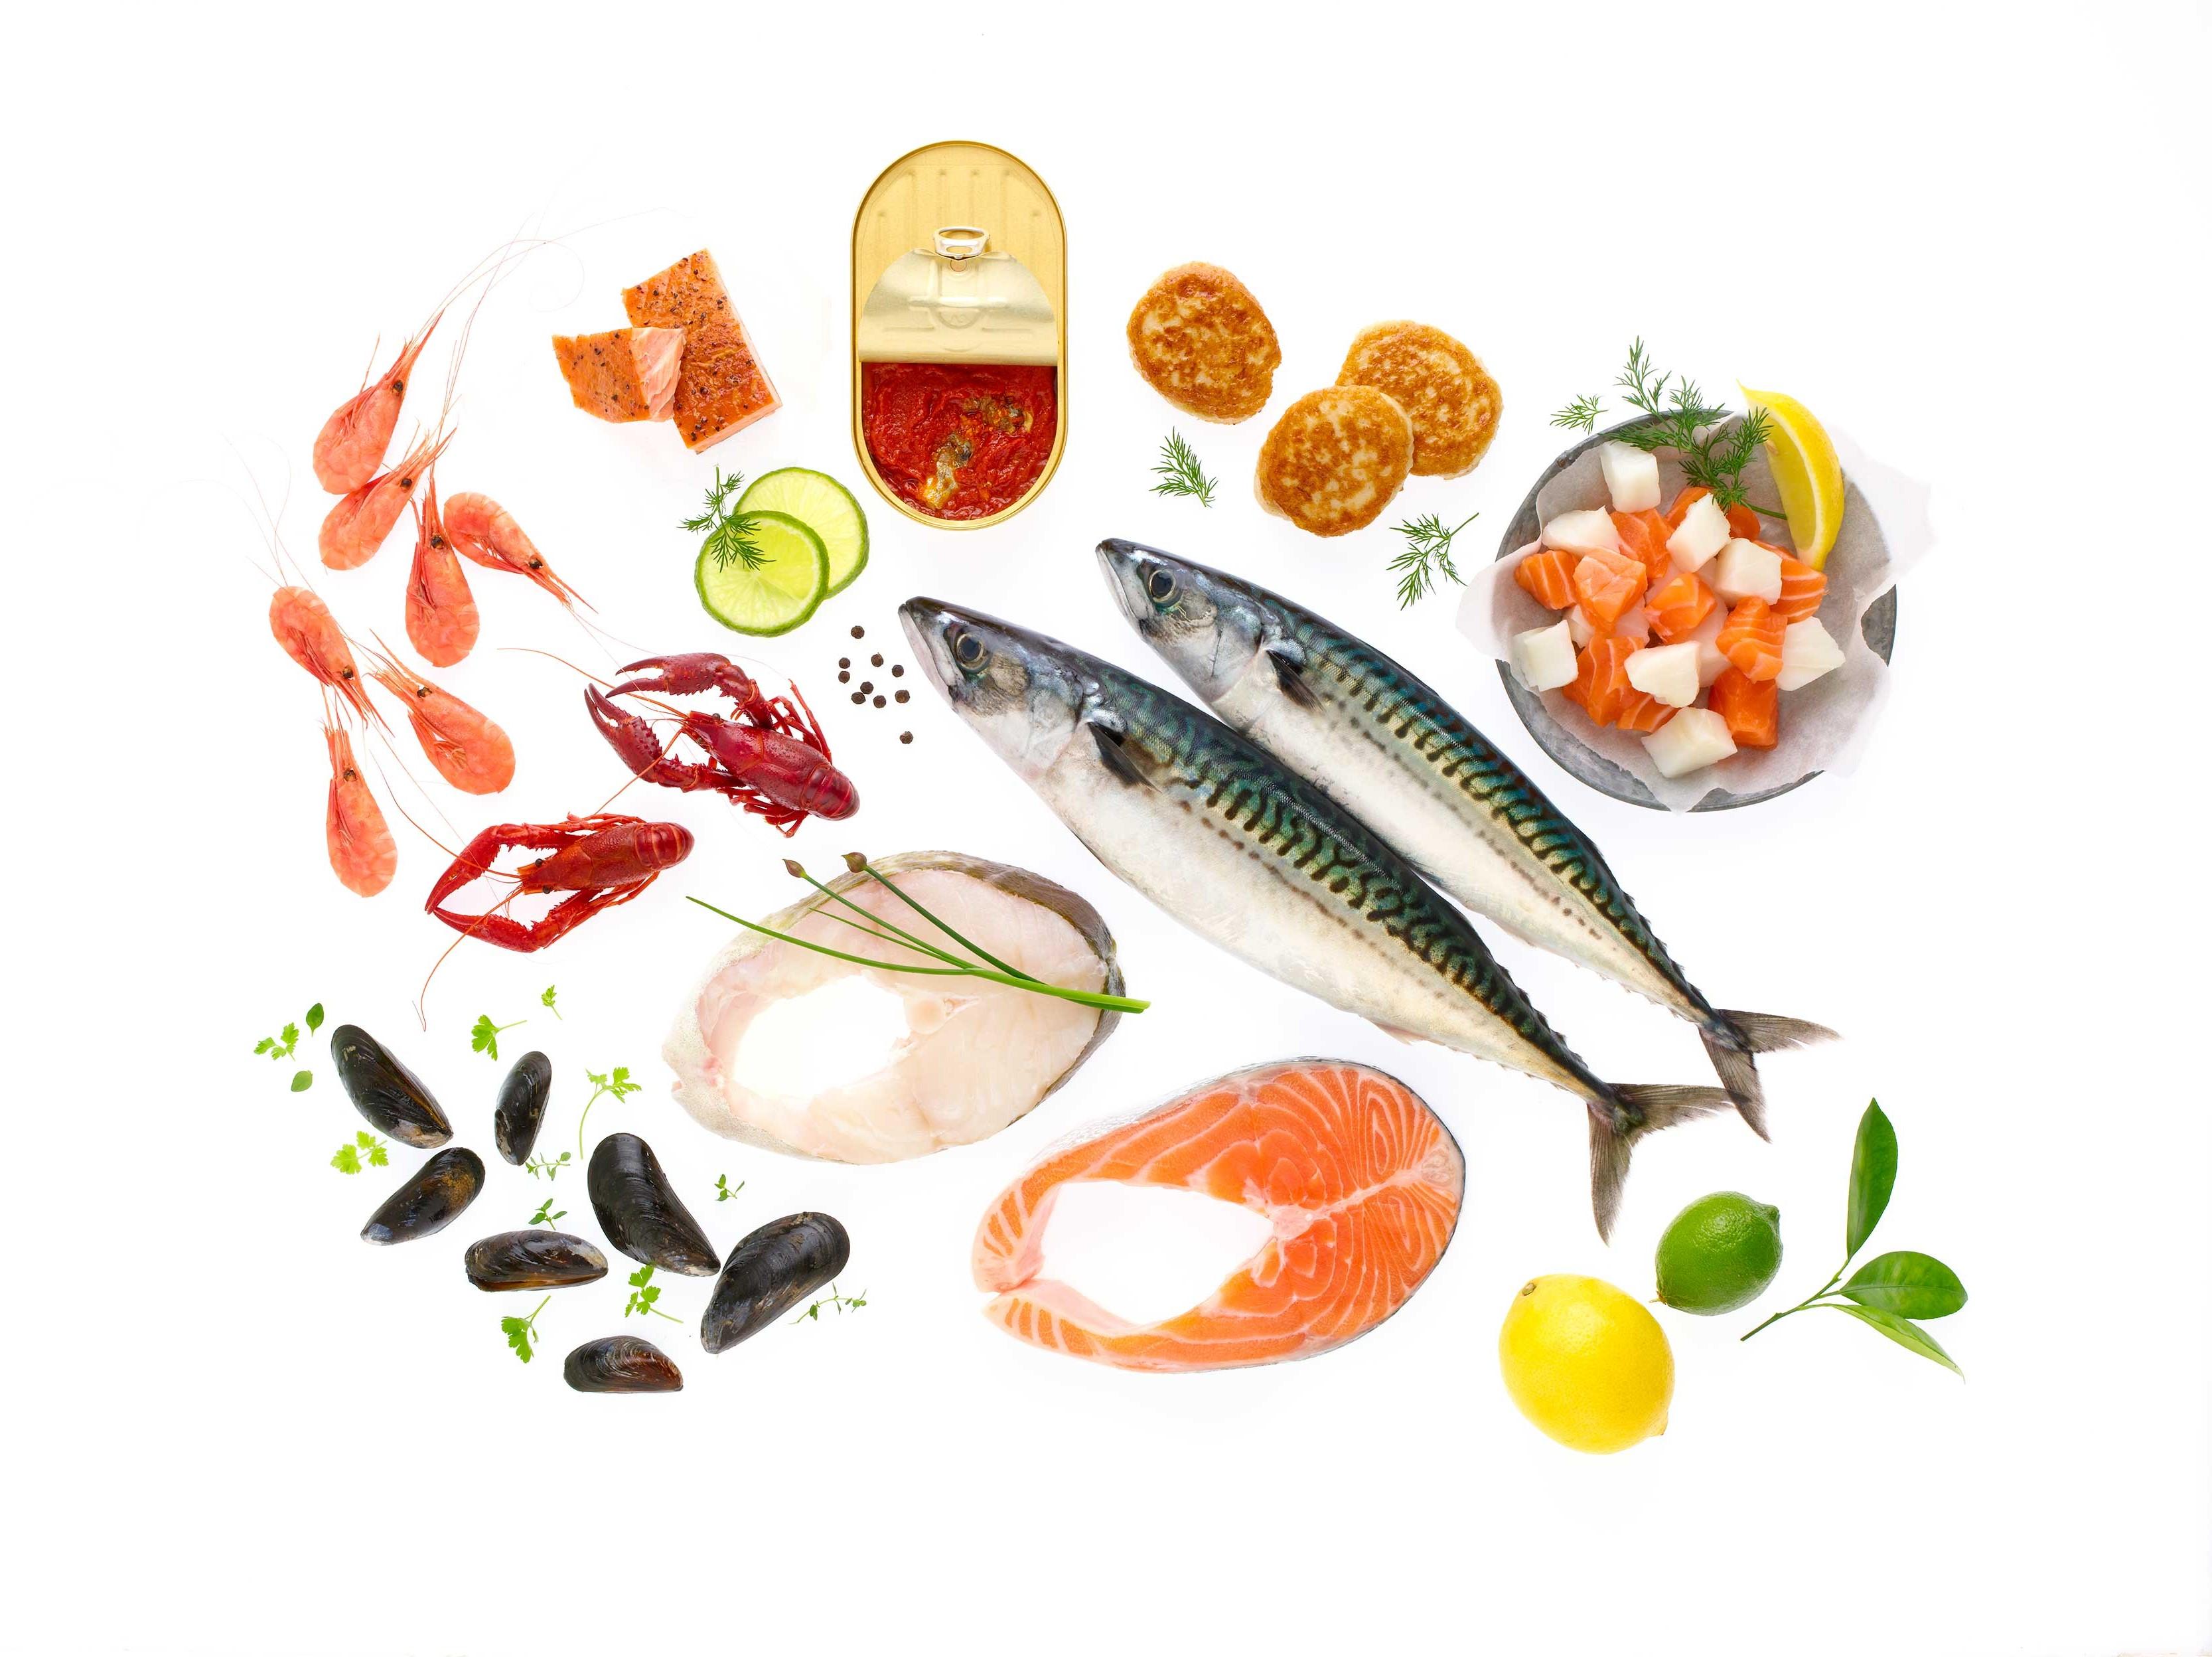 Forskjellige typer fisk og fiskeprodukter